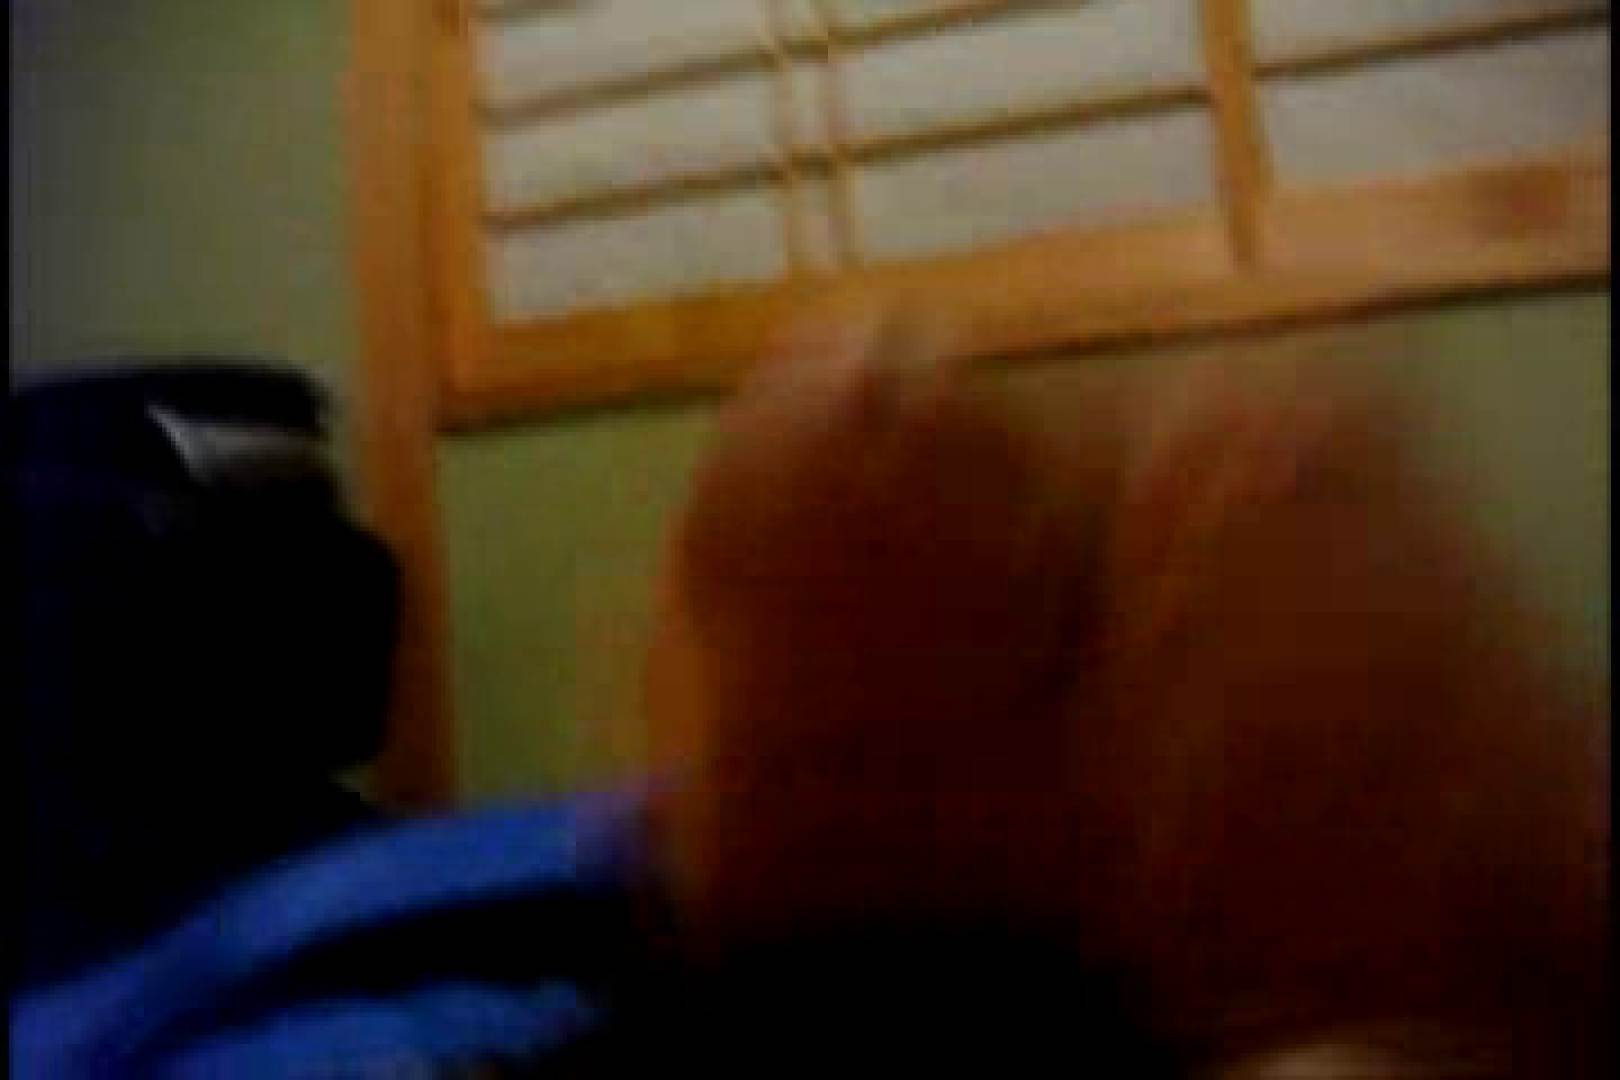 オナ好きノンケテニス部員の自画撮り投稿vol.02 モザ無し エロビデオ紹介 77枚 26